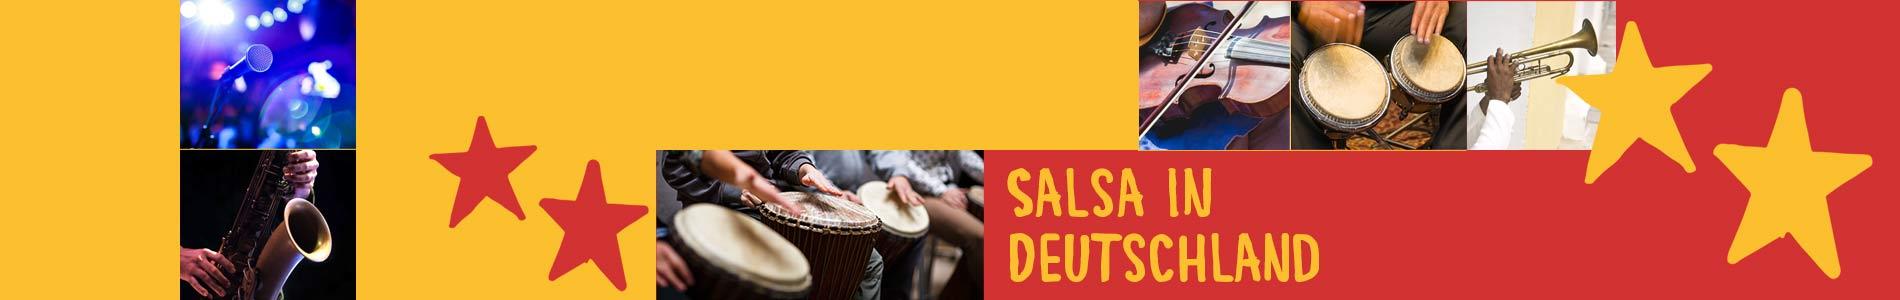 Salsa in Bühlertann – Salsa lernen und tanzen, Tanzkurse, Partys, Veranstaltungen